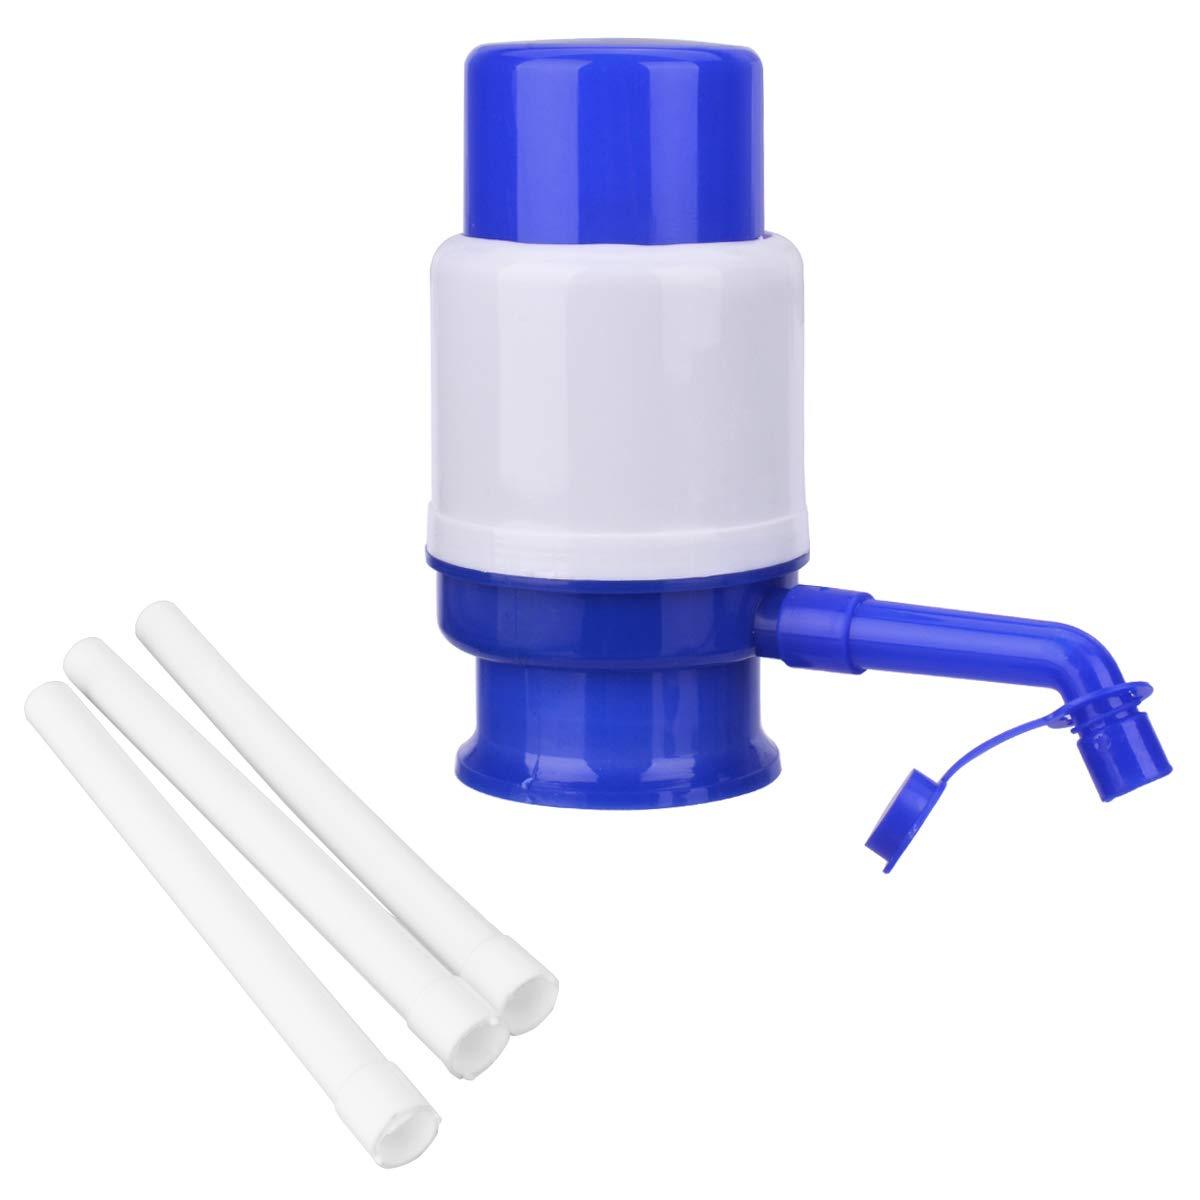 TankerStreet Dispenser di Acqua Pompa Manuale Erogatore Acqua Pompa a Mano Universale BPA Free Potabile per Acqua in Bottiglia 2.5L/3L/5L/6L/8L/10L per Casa Ufficio Ospedale Scuola Fabbrica